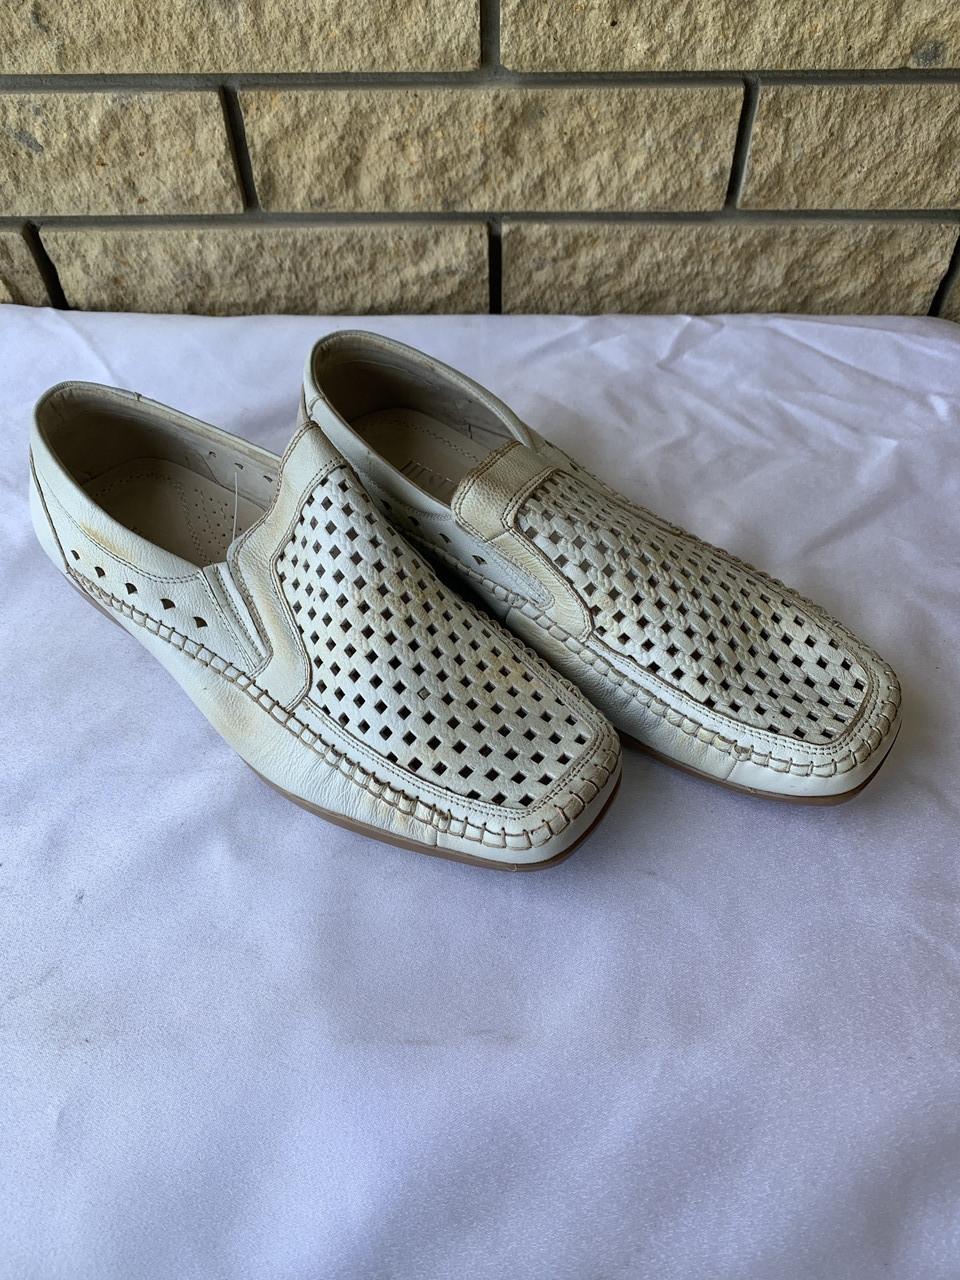 Туфли, мокасины унисекс летние очень хорошего качества на полиуретановой подошве, большие размеры JIESEDER